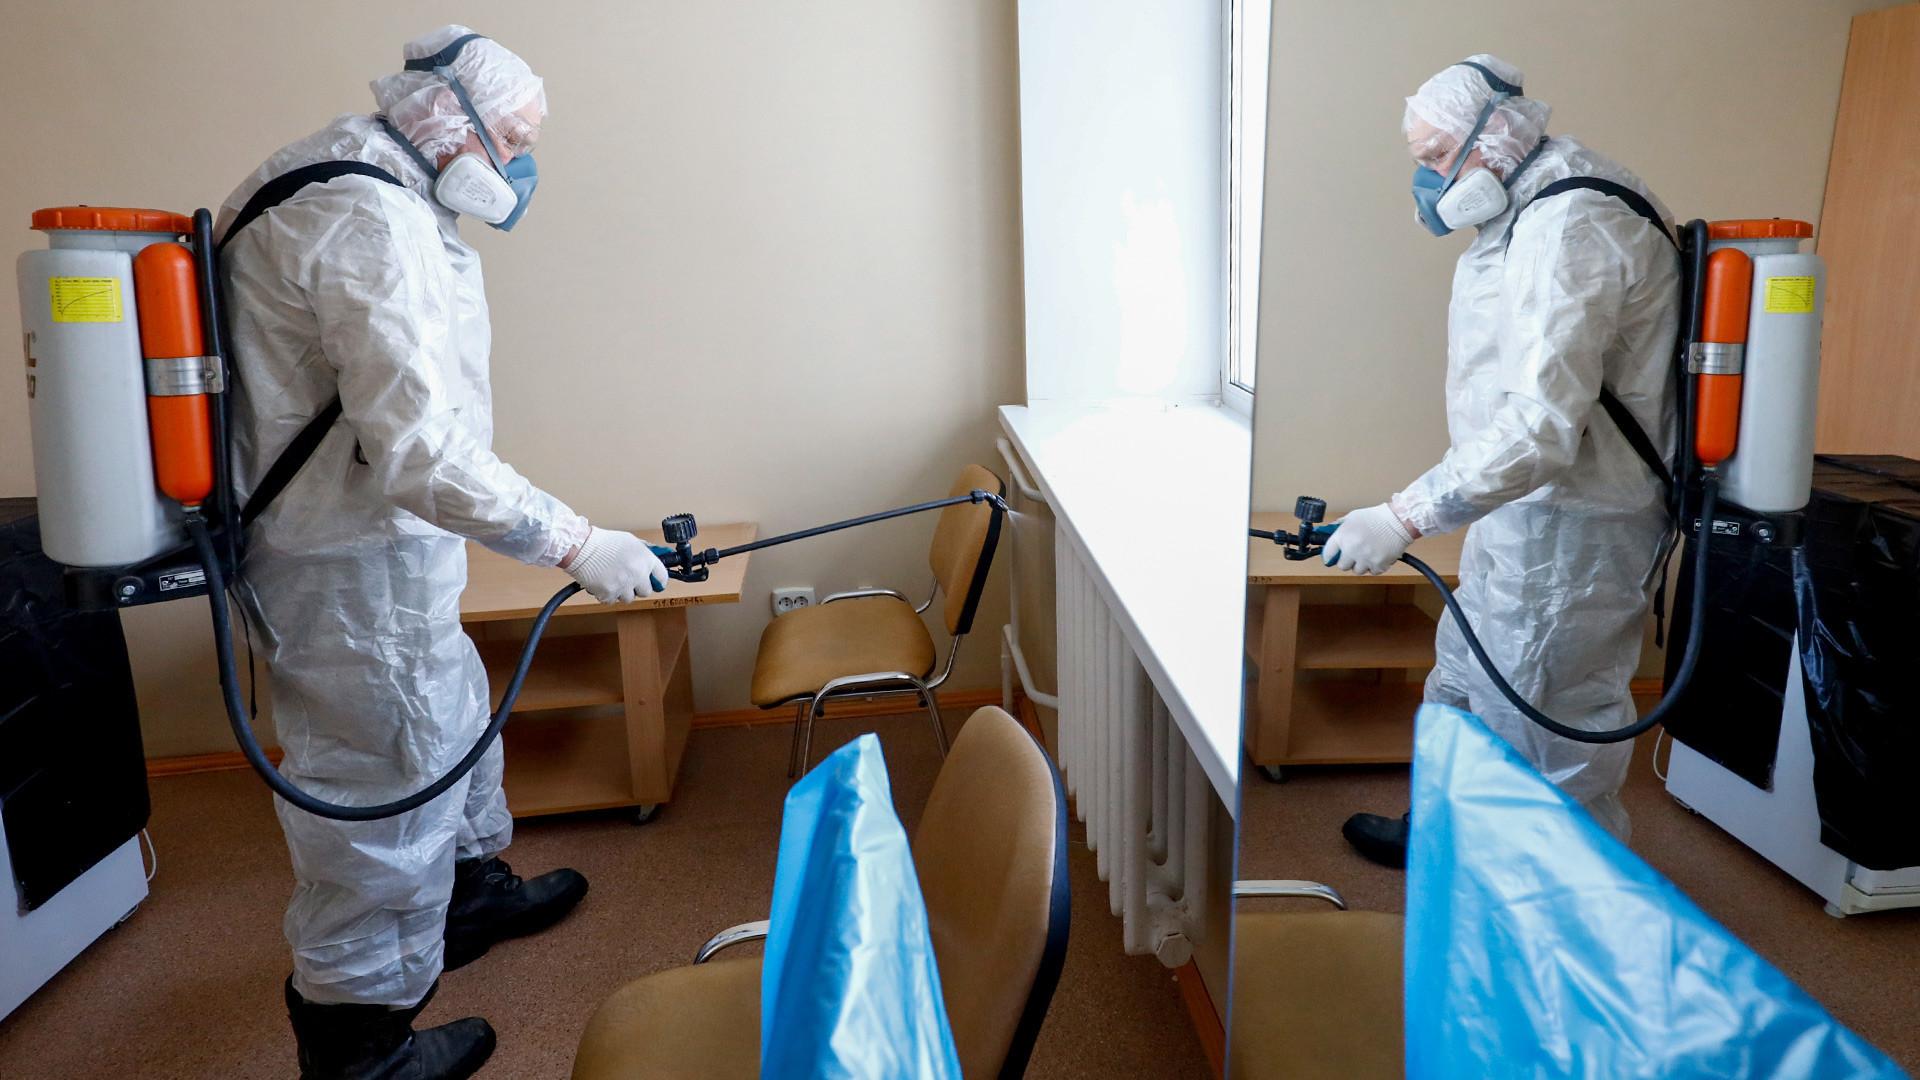 Санитарна дезинфекција по карантин од КОВИД-2019 во Тјумењ, 21 февруари 2020 година.